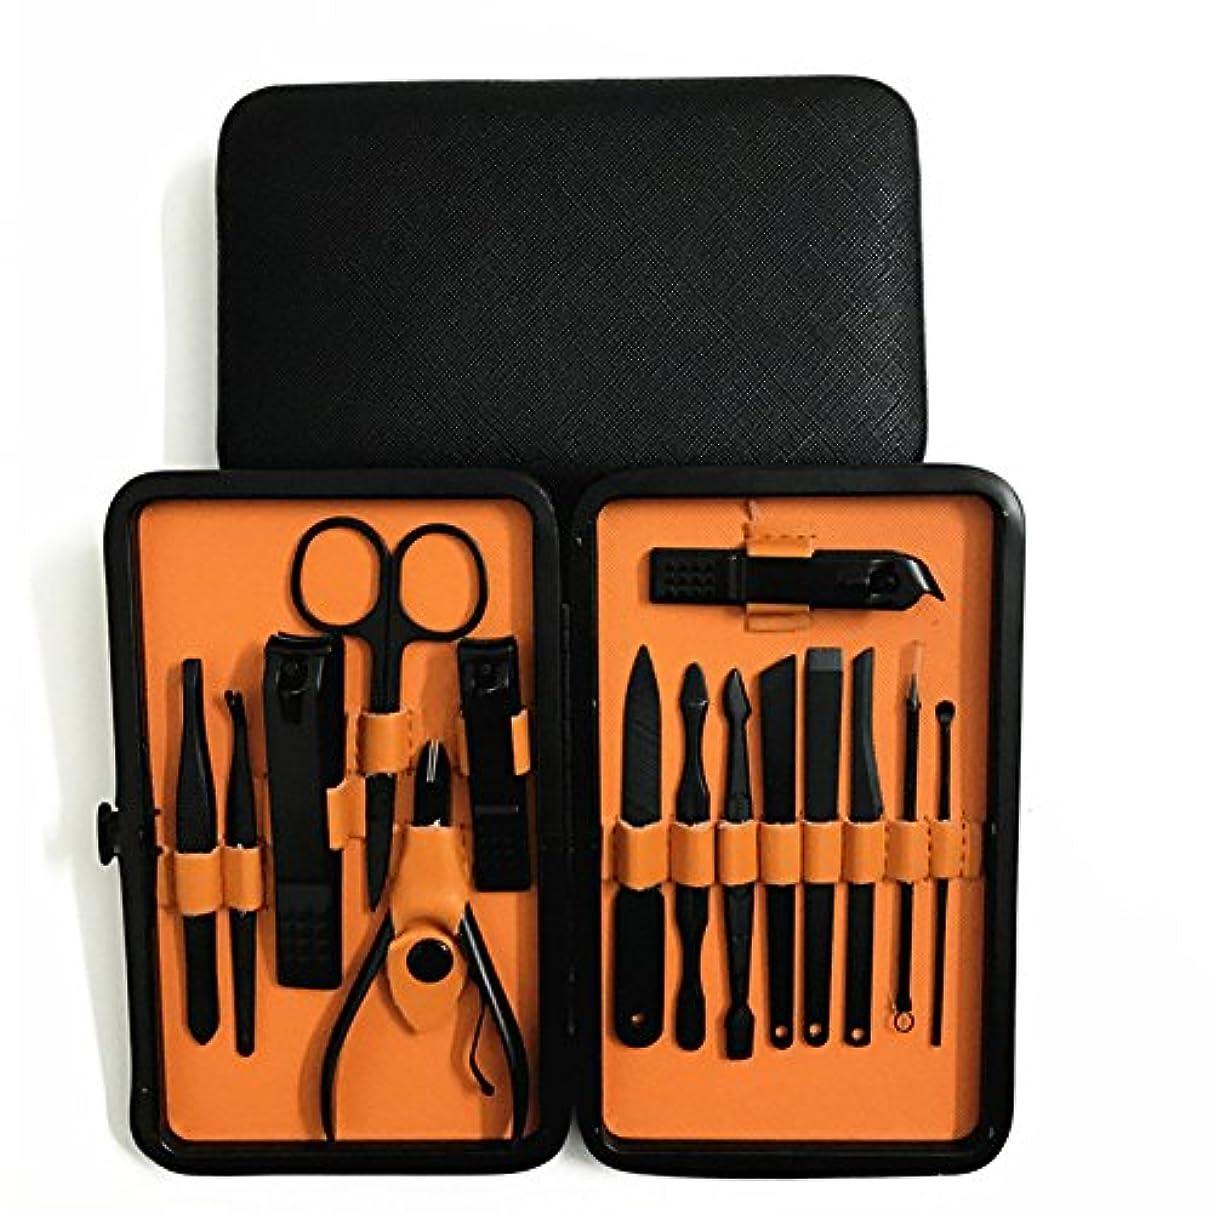 見出しカブ交渉するLiebeye 美容ツール セット ステンレス スチール ポケットマニキュア ペディキュアツールセット 15個/セット 十字紋紋ケース+オレンジ